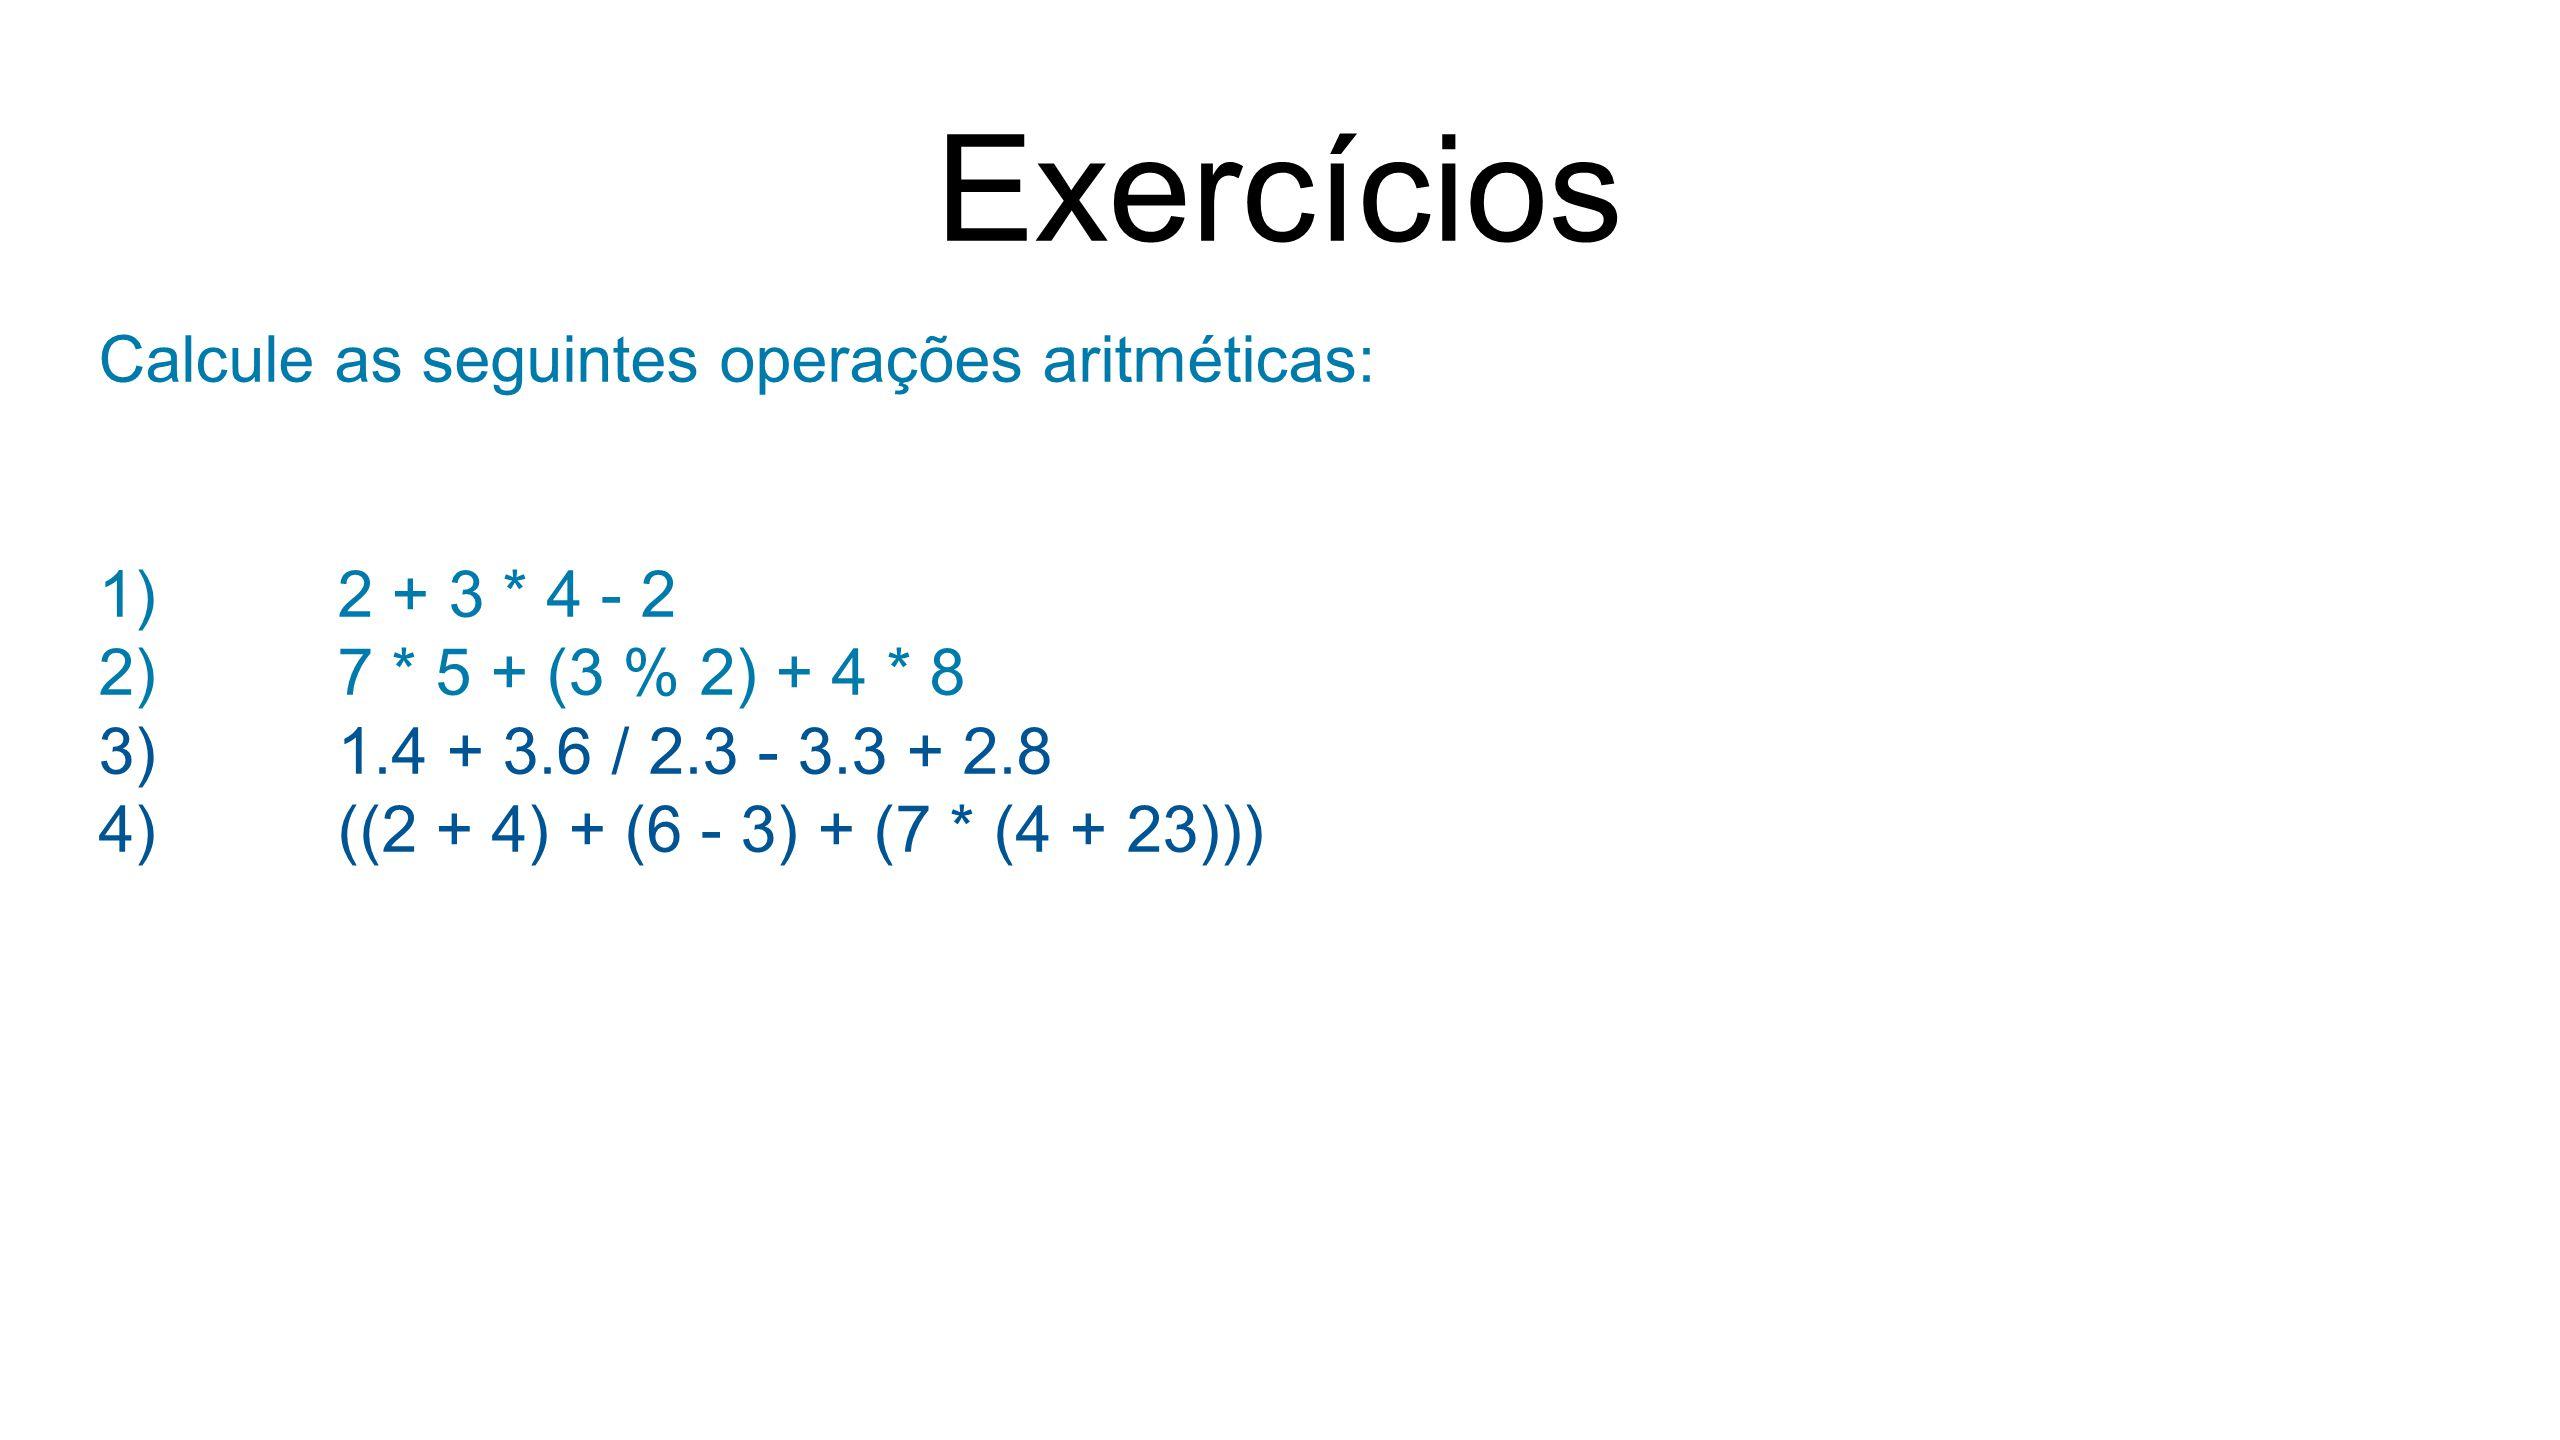 Exercícios Calcule as seguintes operações aritméticas: 1)2 + 3 * 4 - 2 2)7 * 5 + (3 % 2) + 4 * 8 3)1.4 + 3.6 / 2.3 - 3.3 + 2.8 4)((2 + 4) + (6 - 3) +